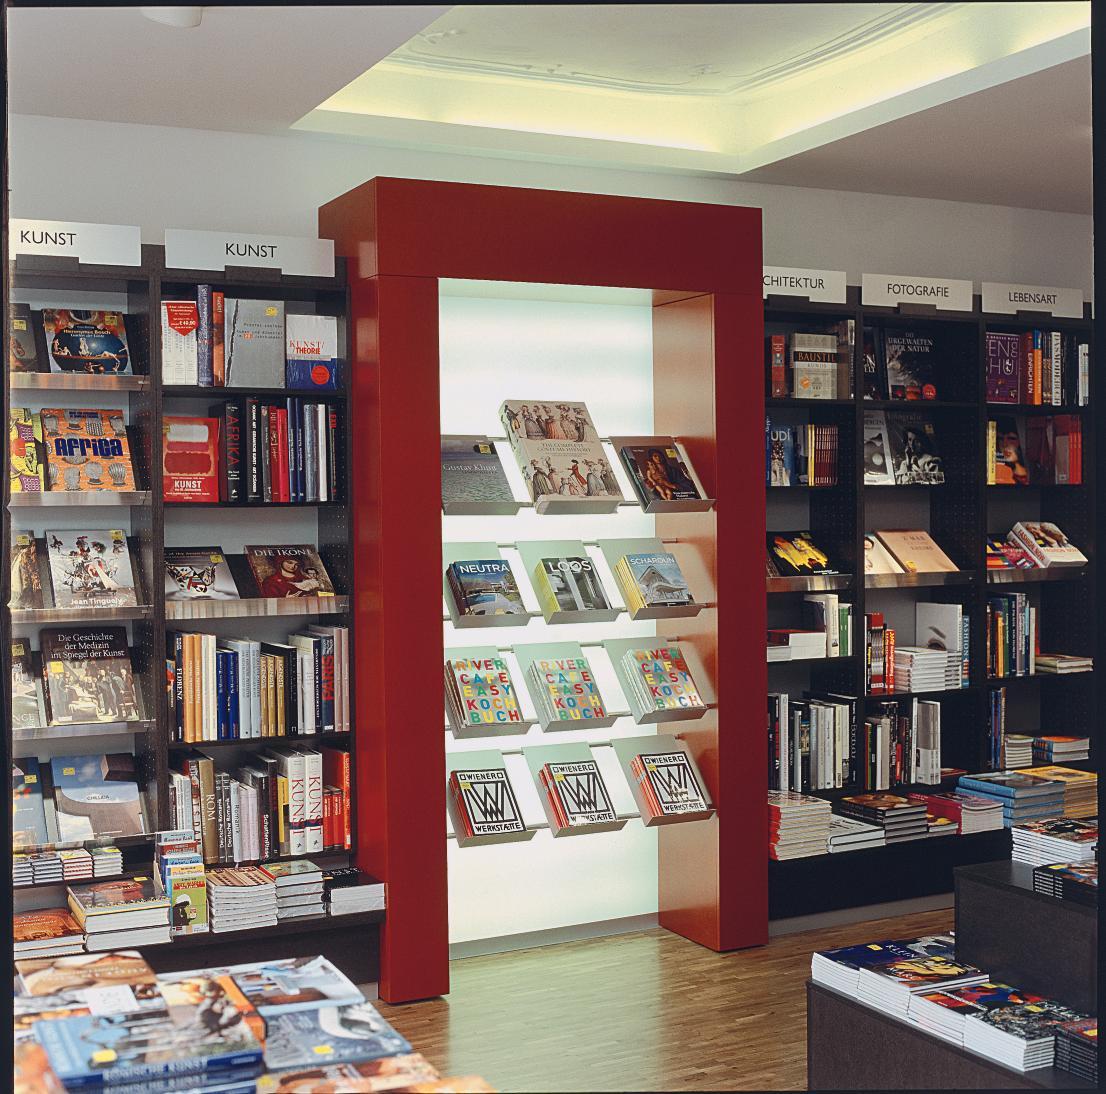 oase f r zeitgeister dds das magazin f r m bel und ausbau. Black Bedroom Furniture Sets. Home Design Ideas